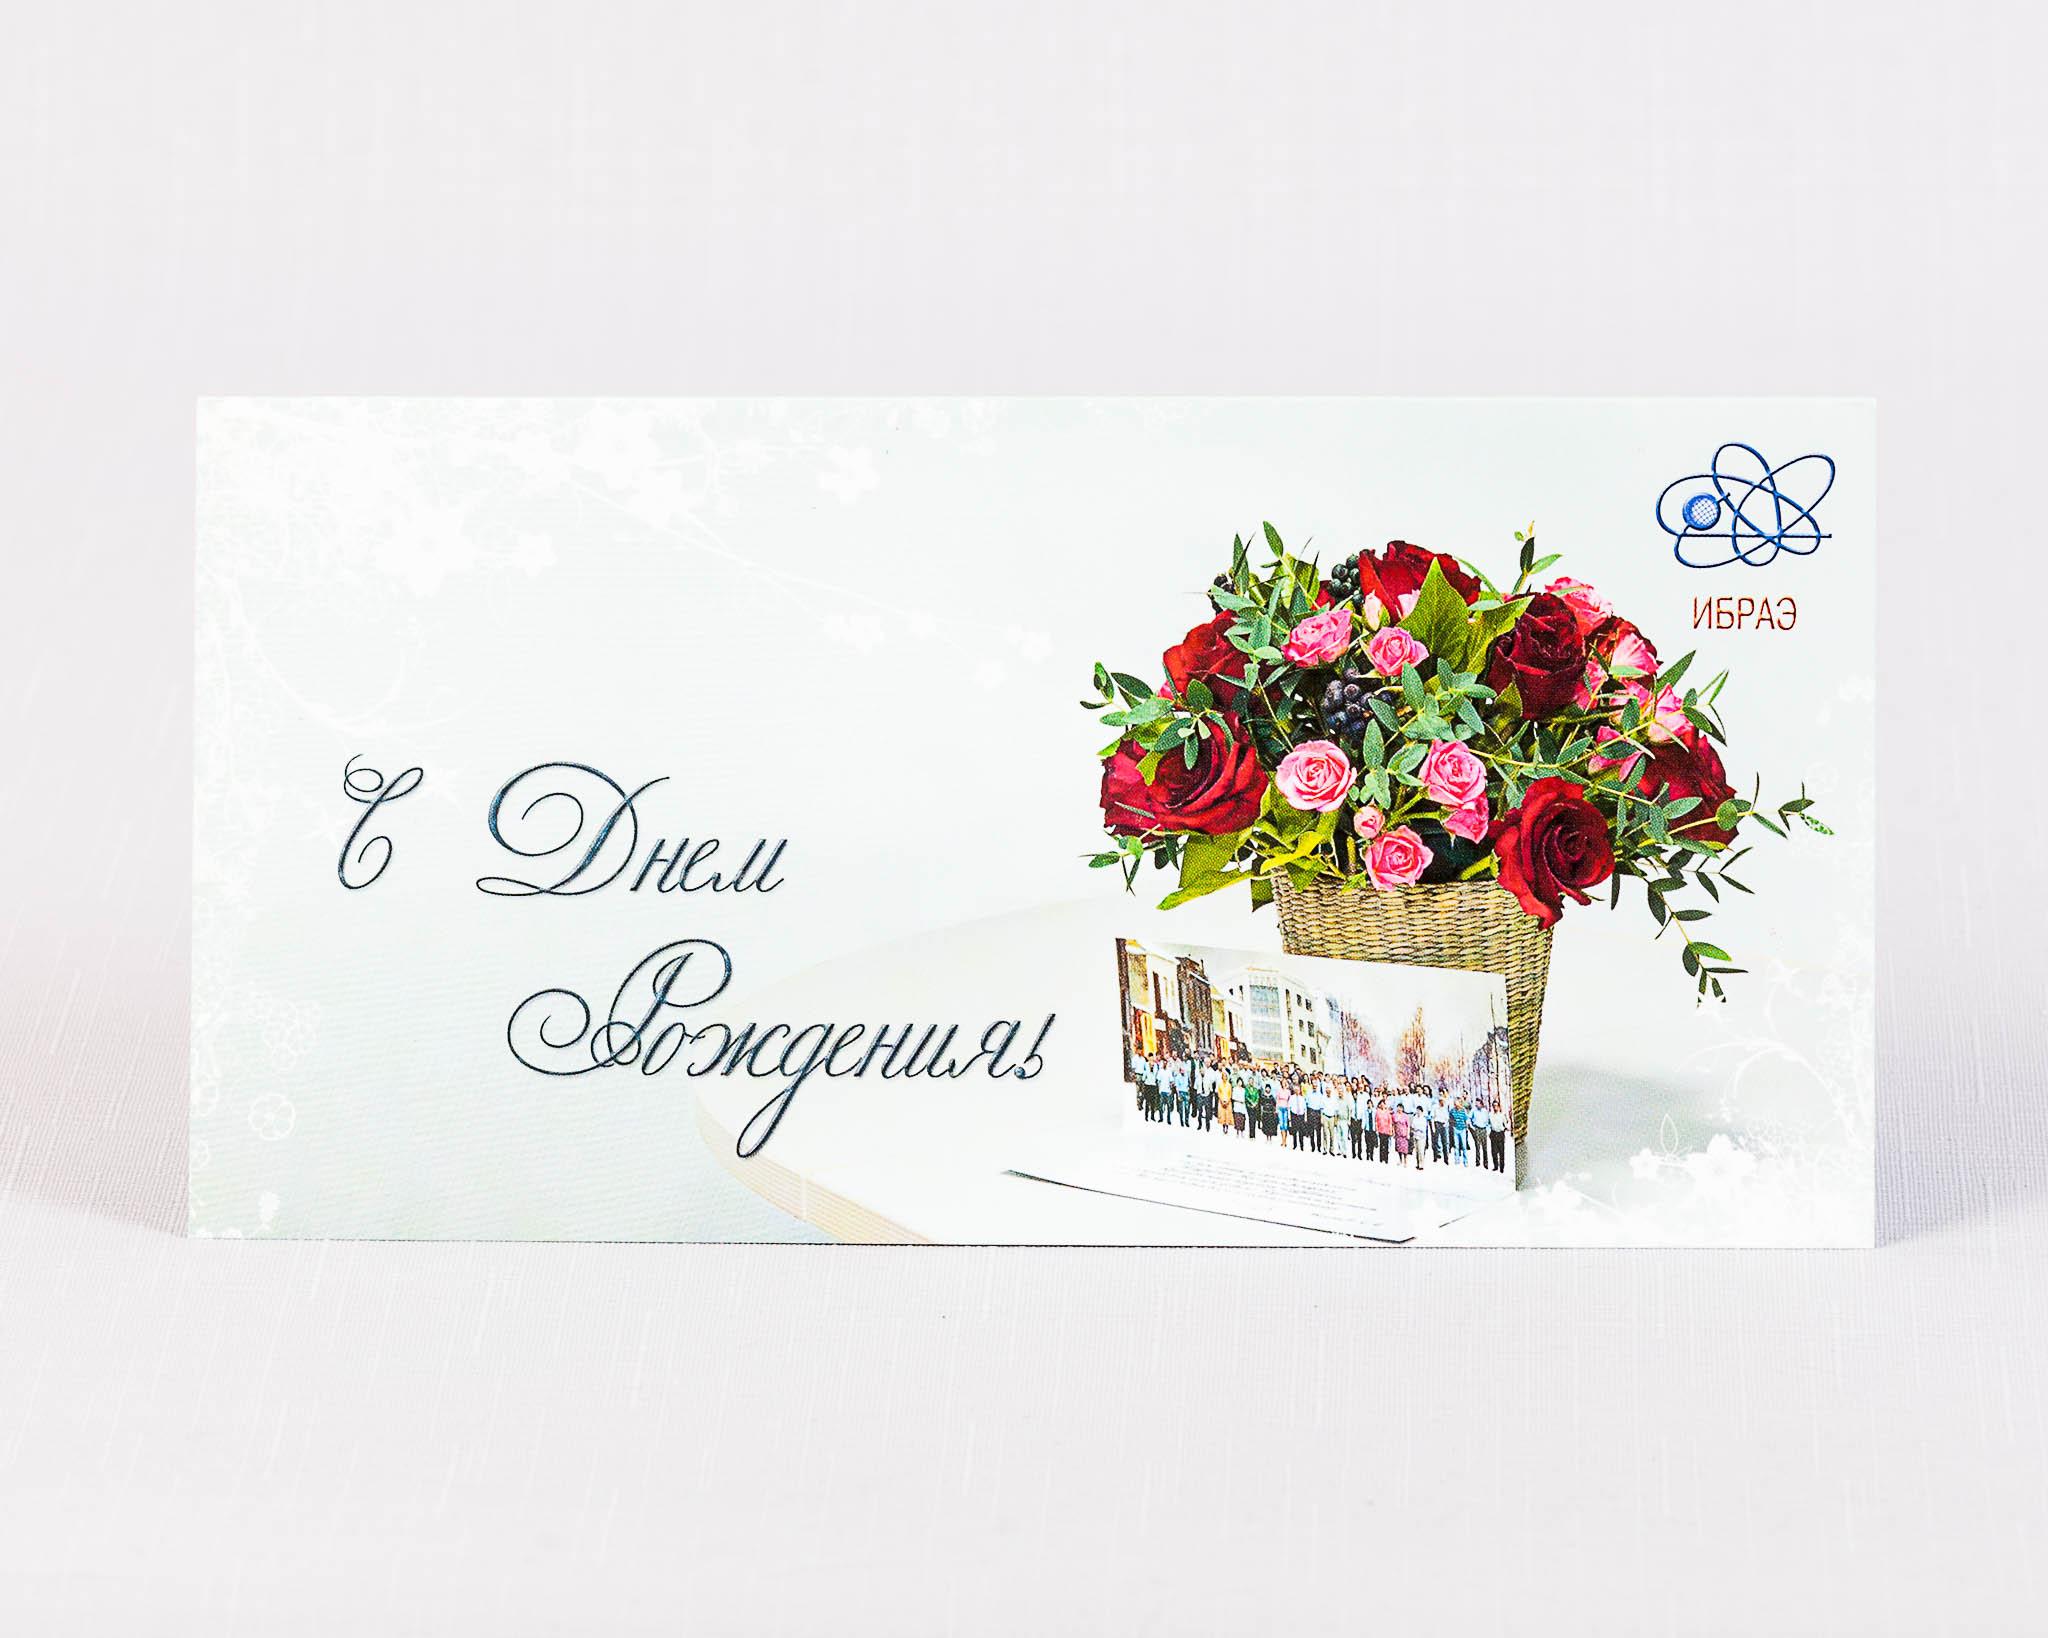 Корпоративные открытки для сотрудников с Днем Рождения